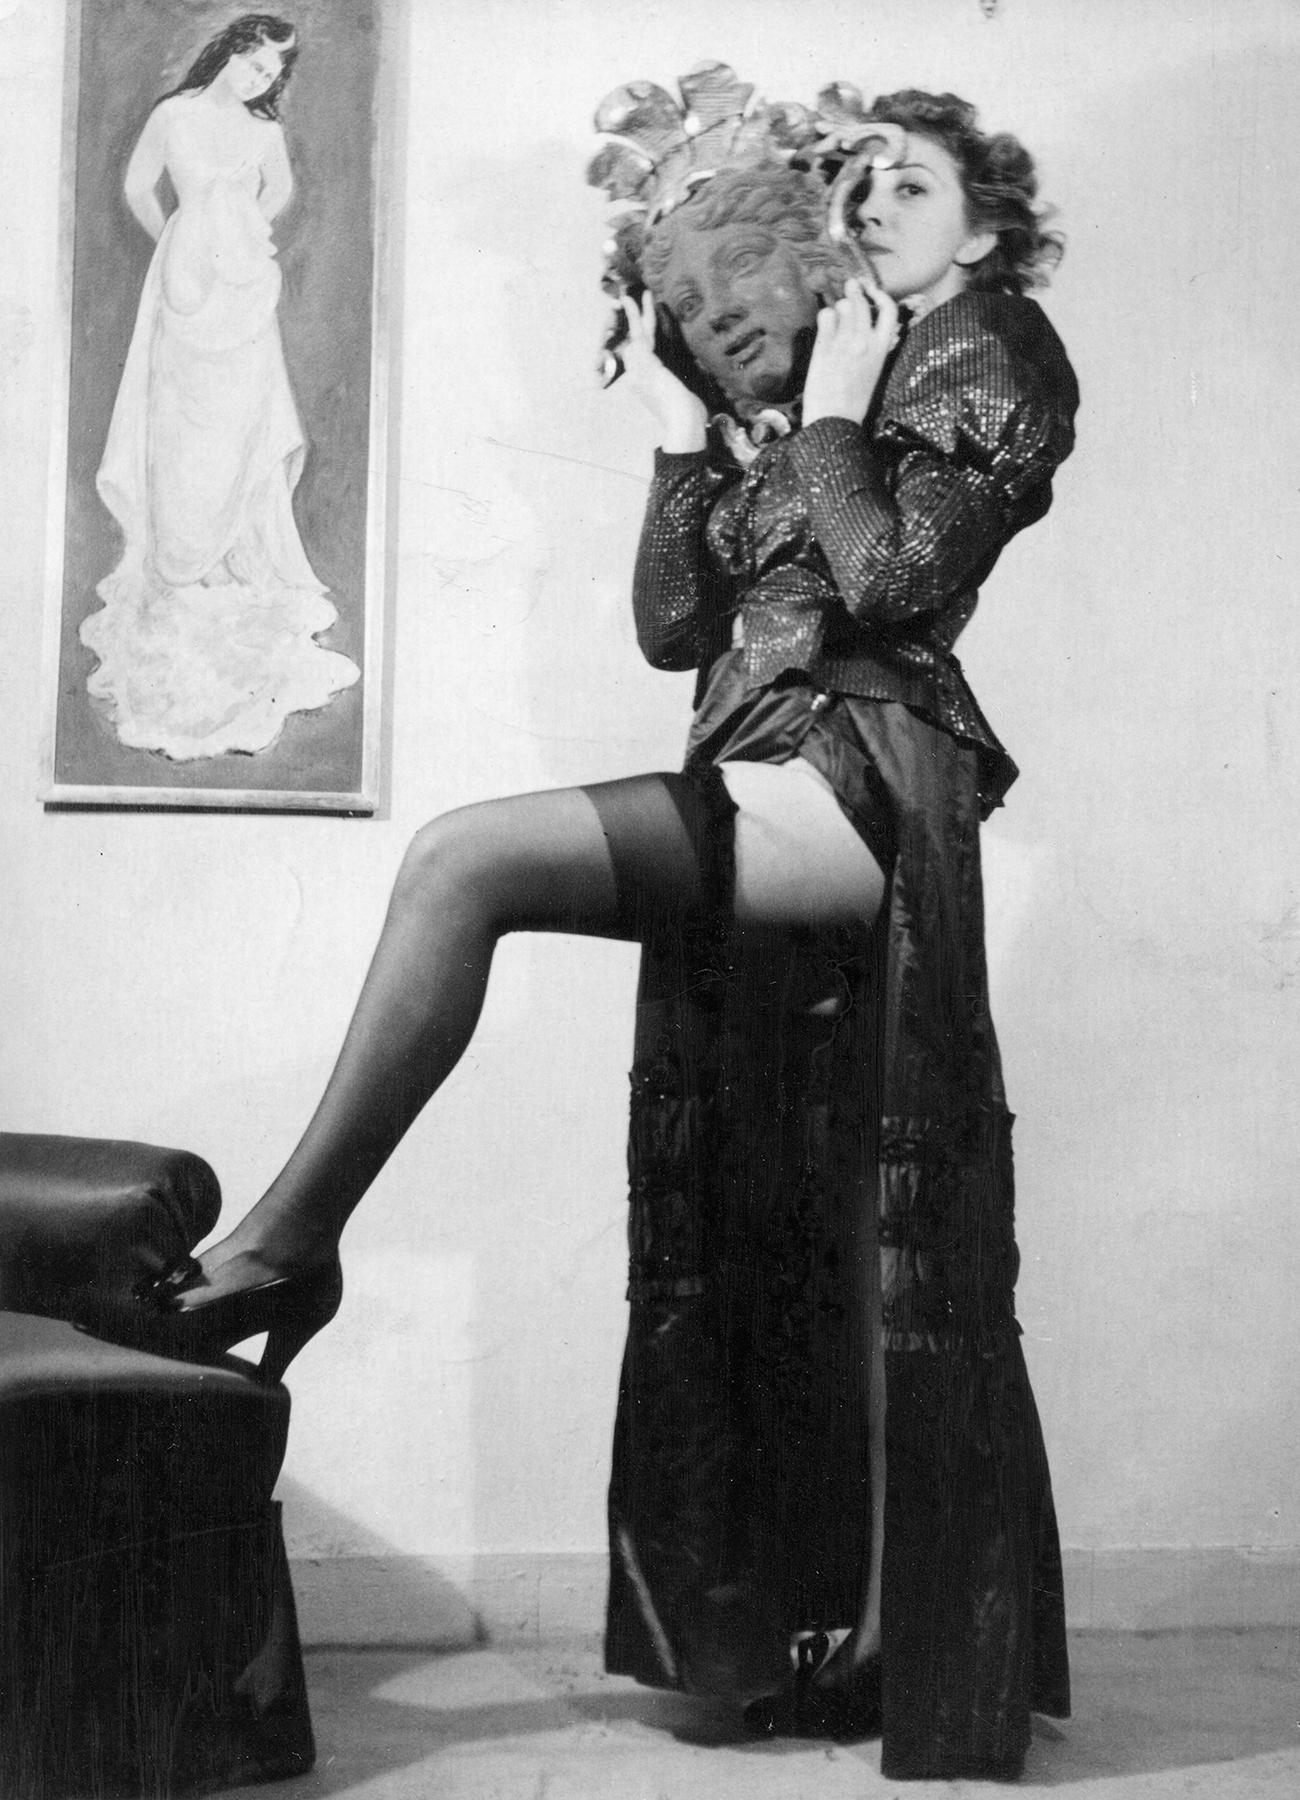 Unidentified photographer, Leonor Fini, 1934, Contemporary Print  Reproduced with permission of the Estate of Leonor Fini, Paris